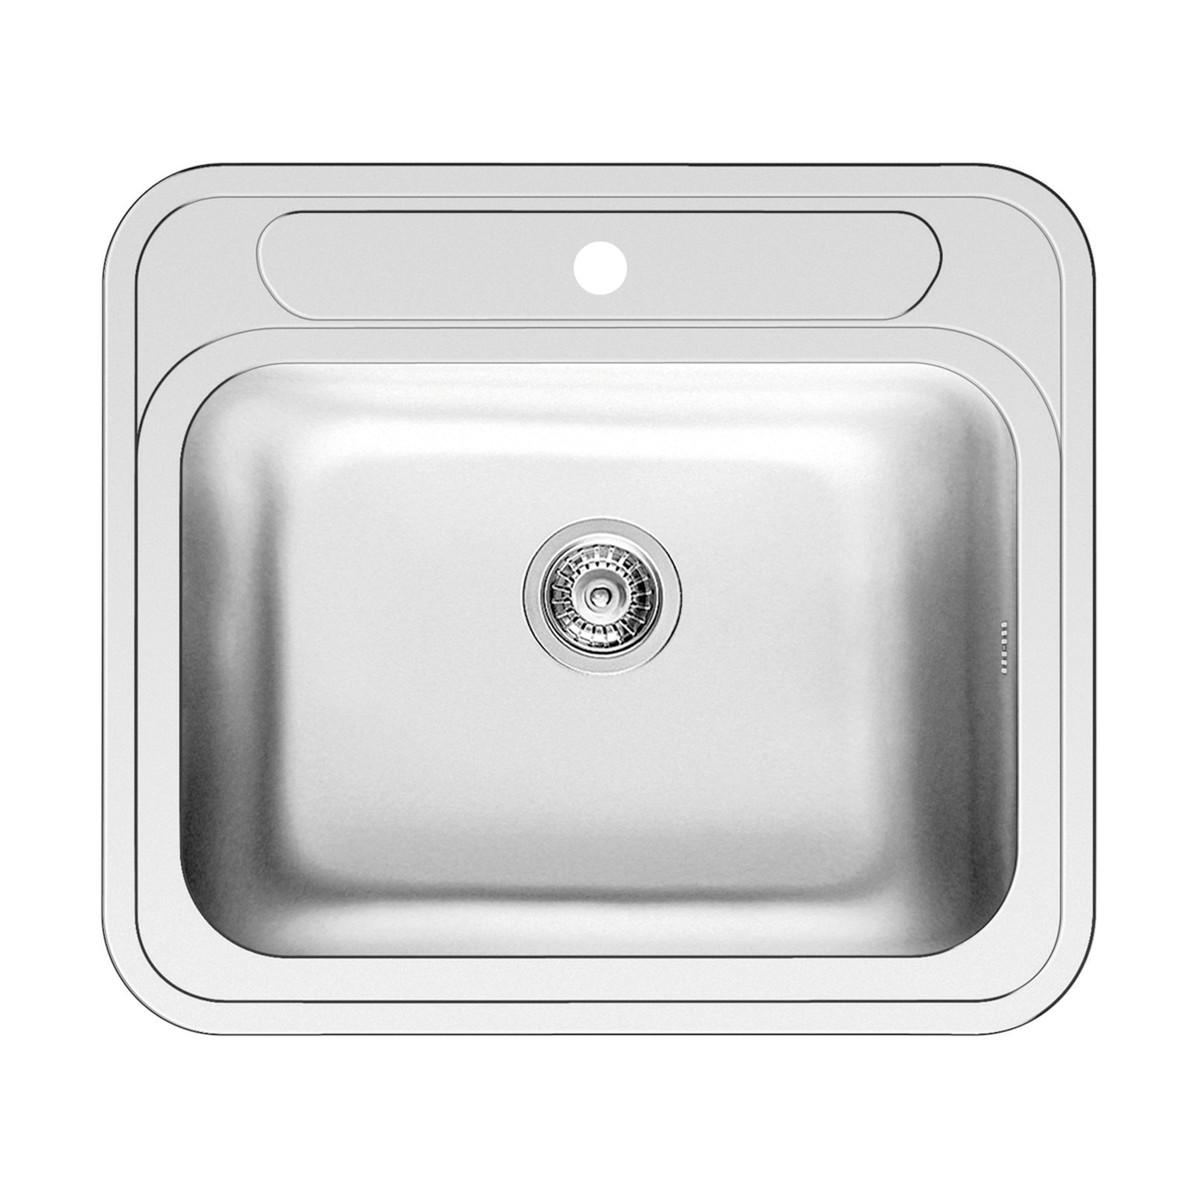 lavelli da incasso o appoggio: prezzi e offerte online - Lavabo Bagno Da Incasso Prezzi